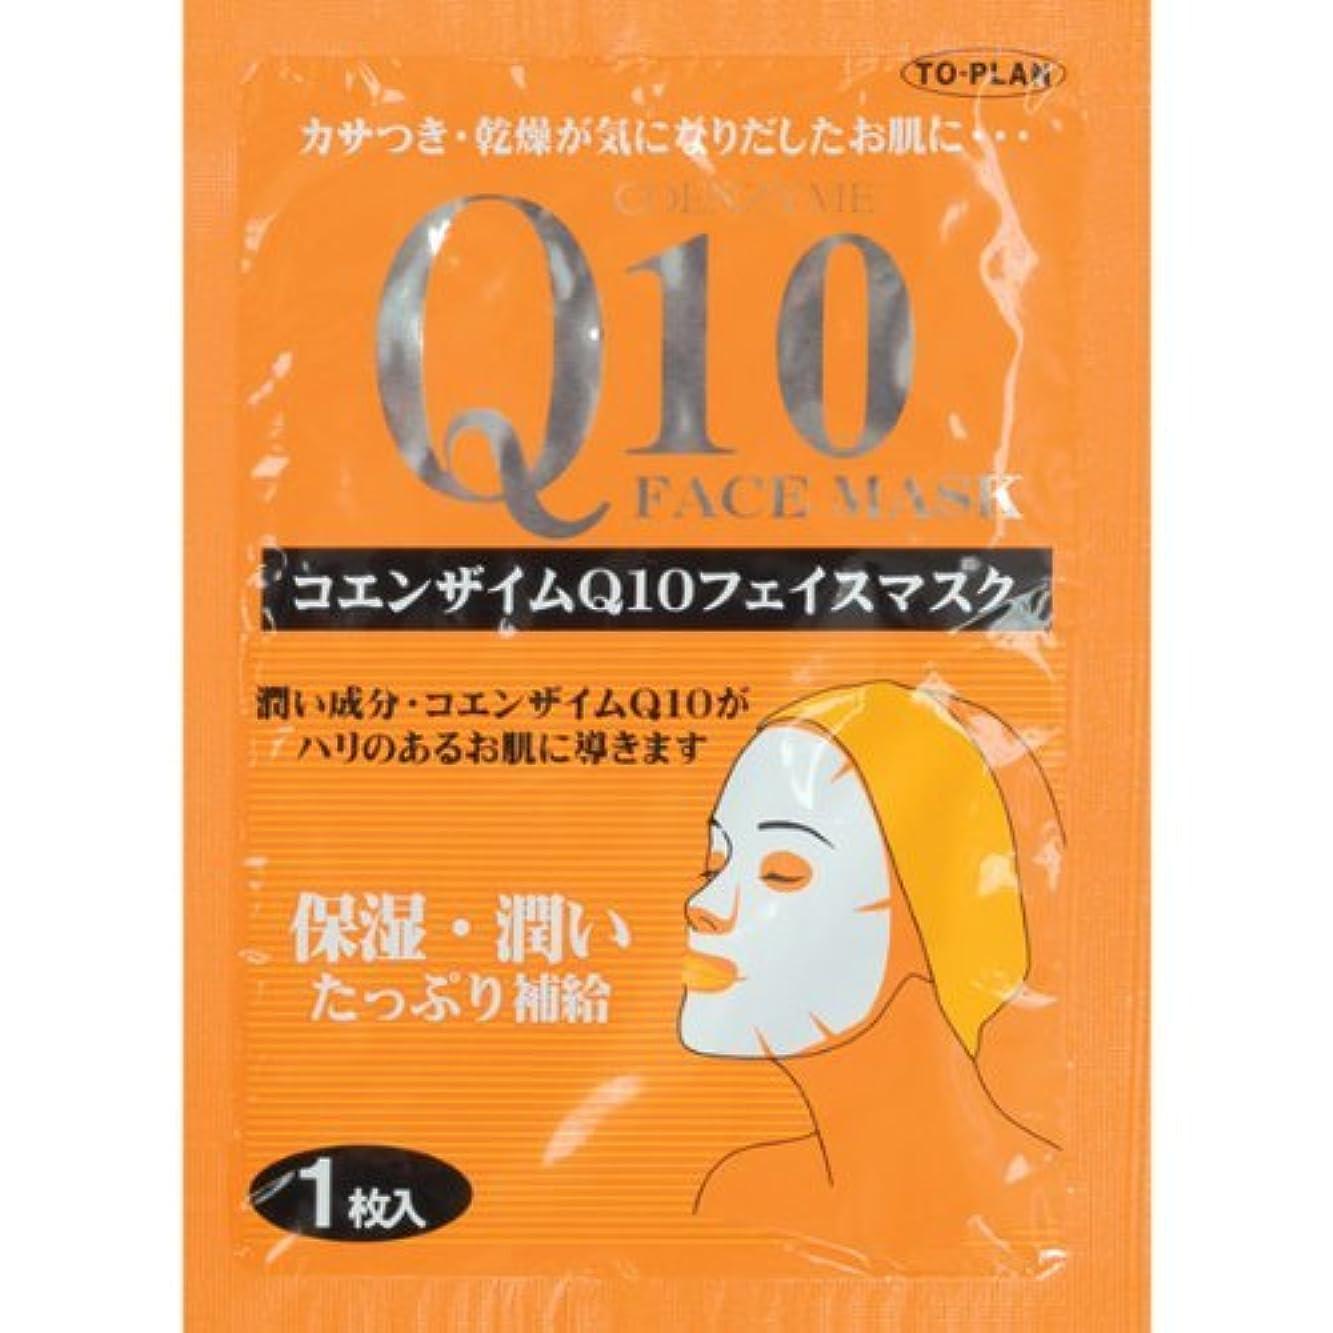 かる嵐が丘嫉妬フェイスマスク コエンザイムQ10 まとめ買い プレゼント フェイスパック (50枚)